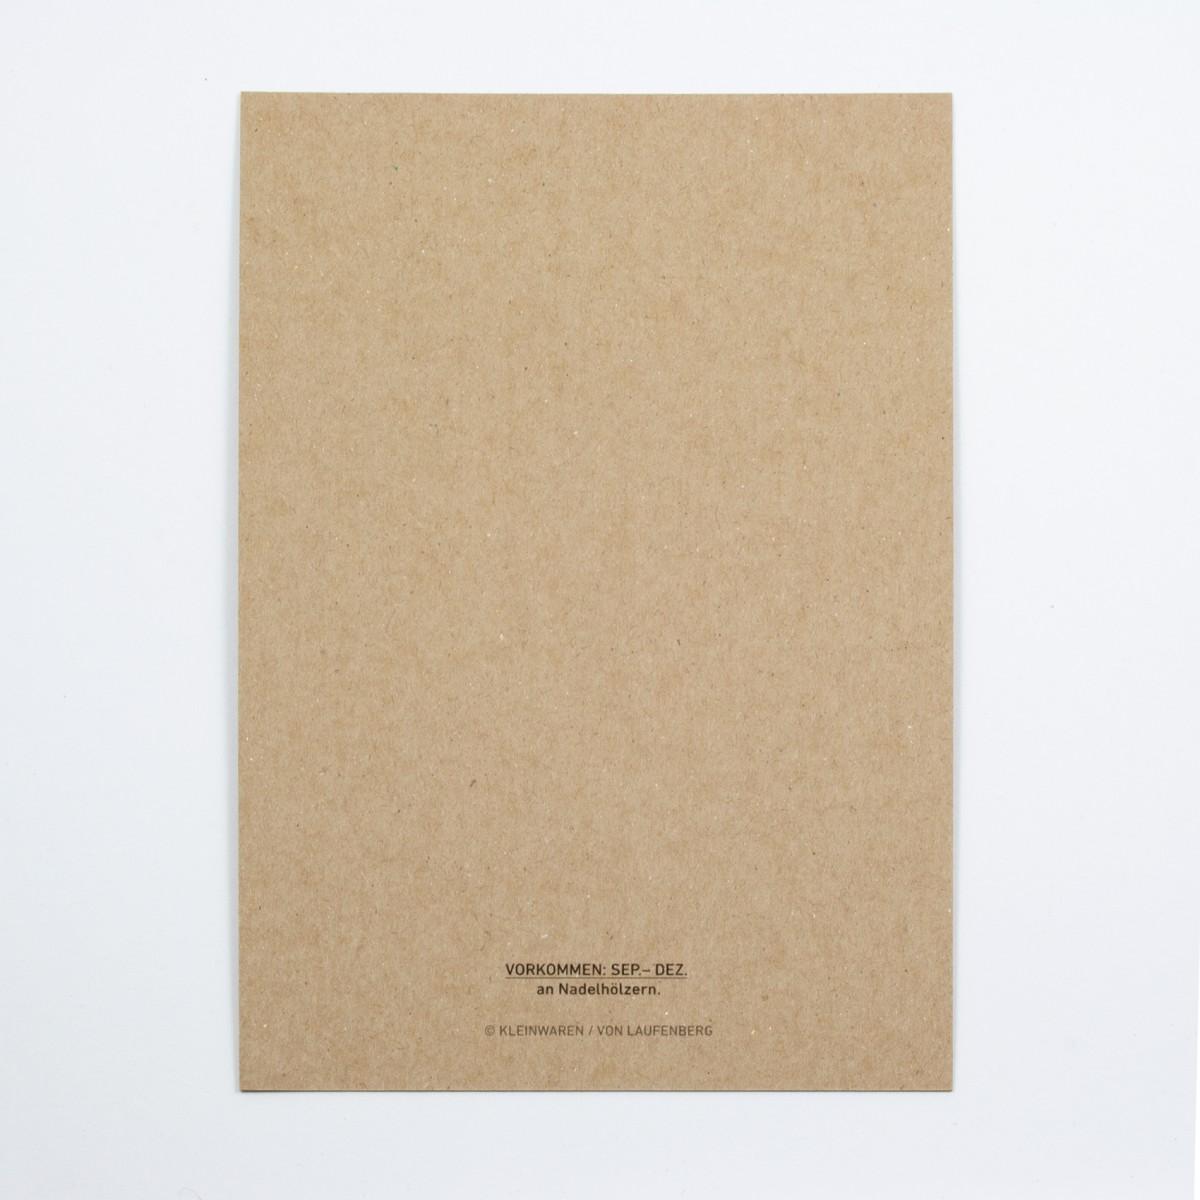 KLEINWAREN / VON LAUFENBERG Rauchblättriger Schwefelkopf Postkarte